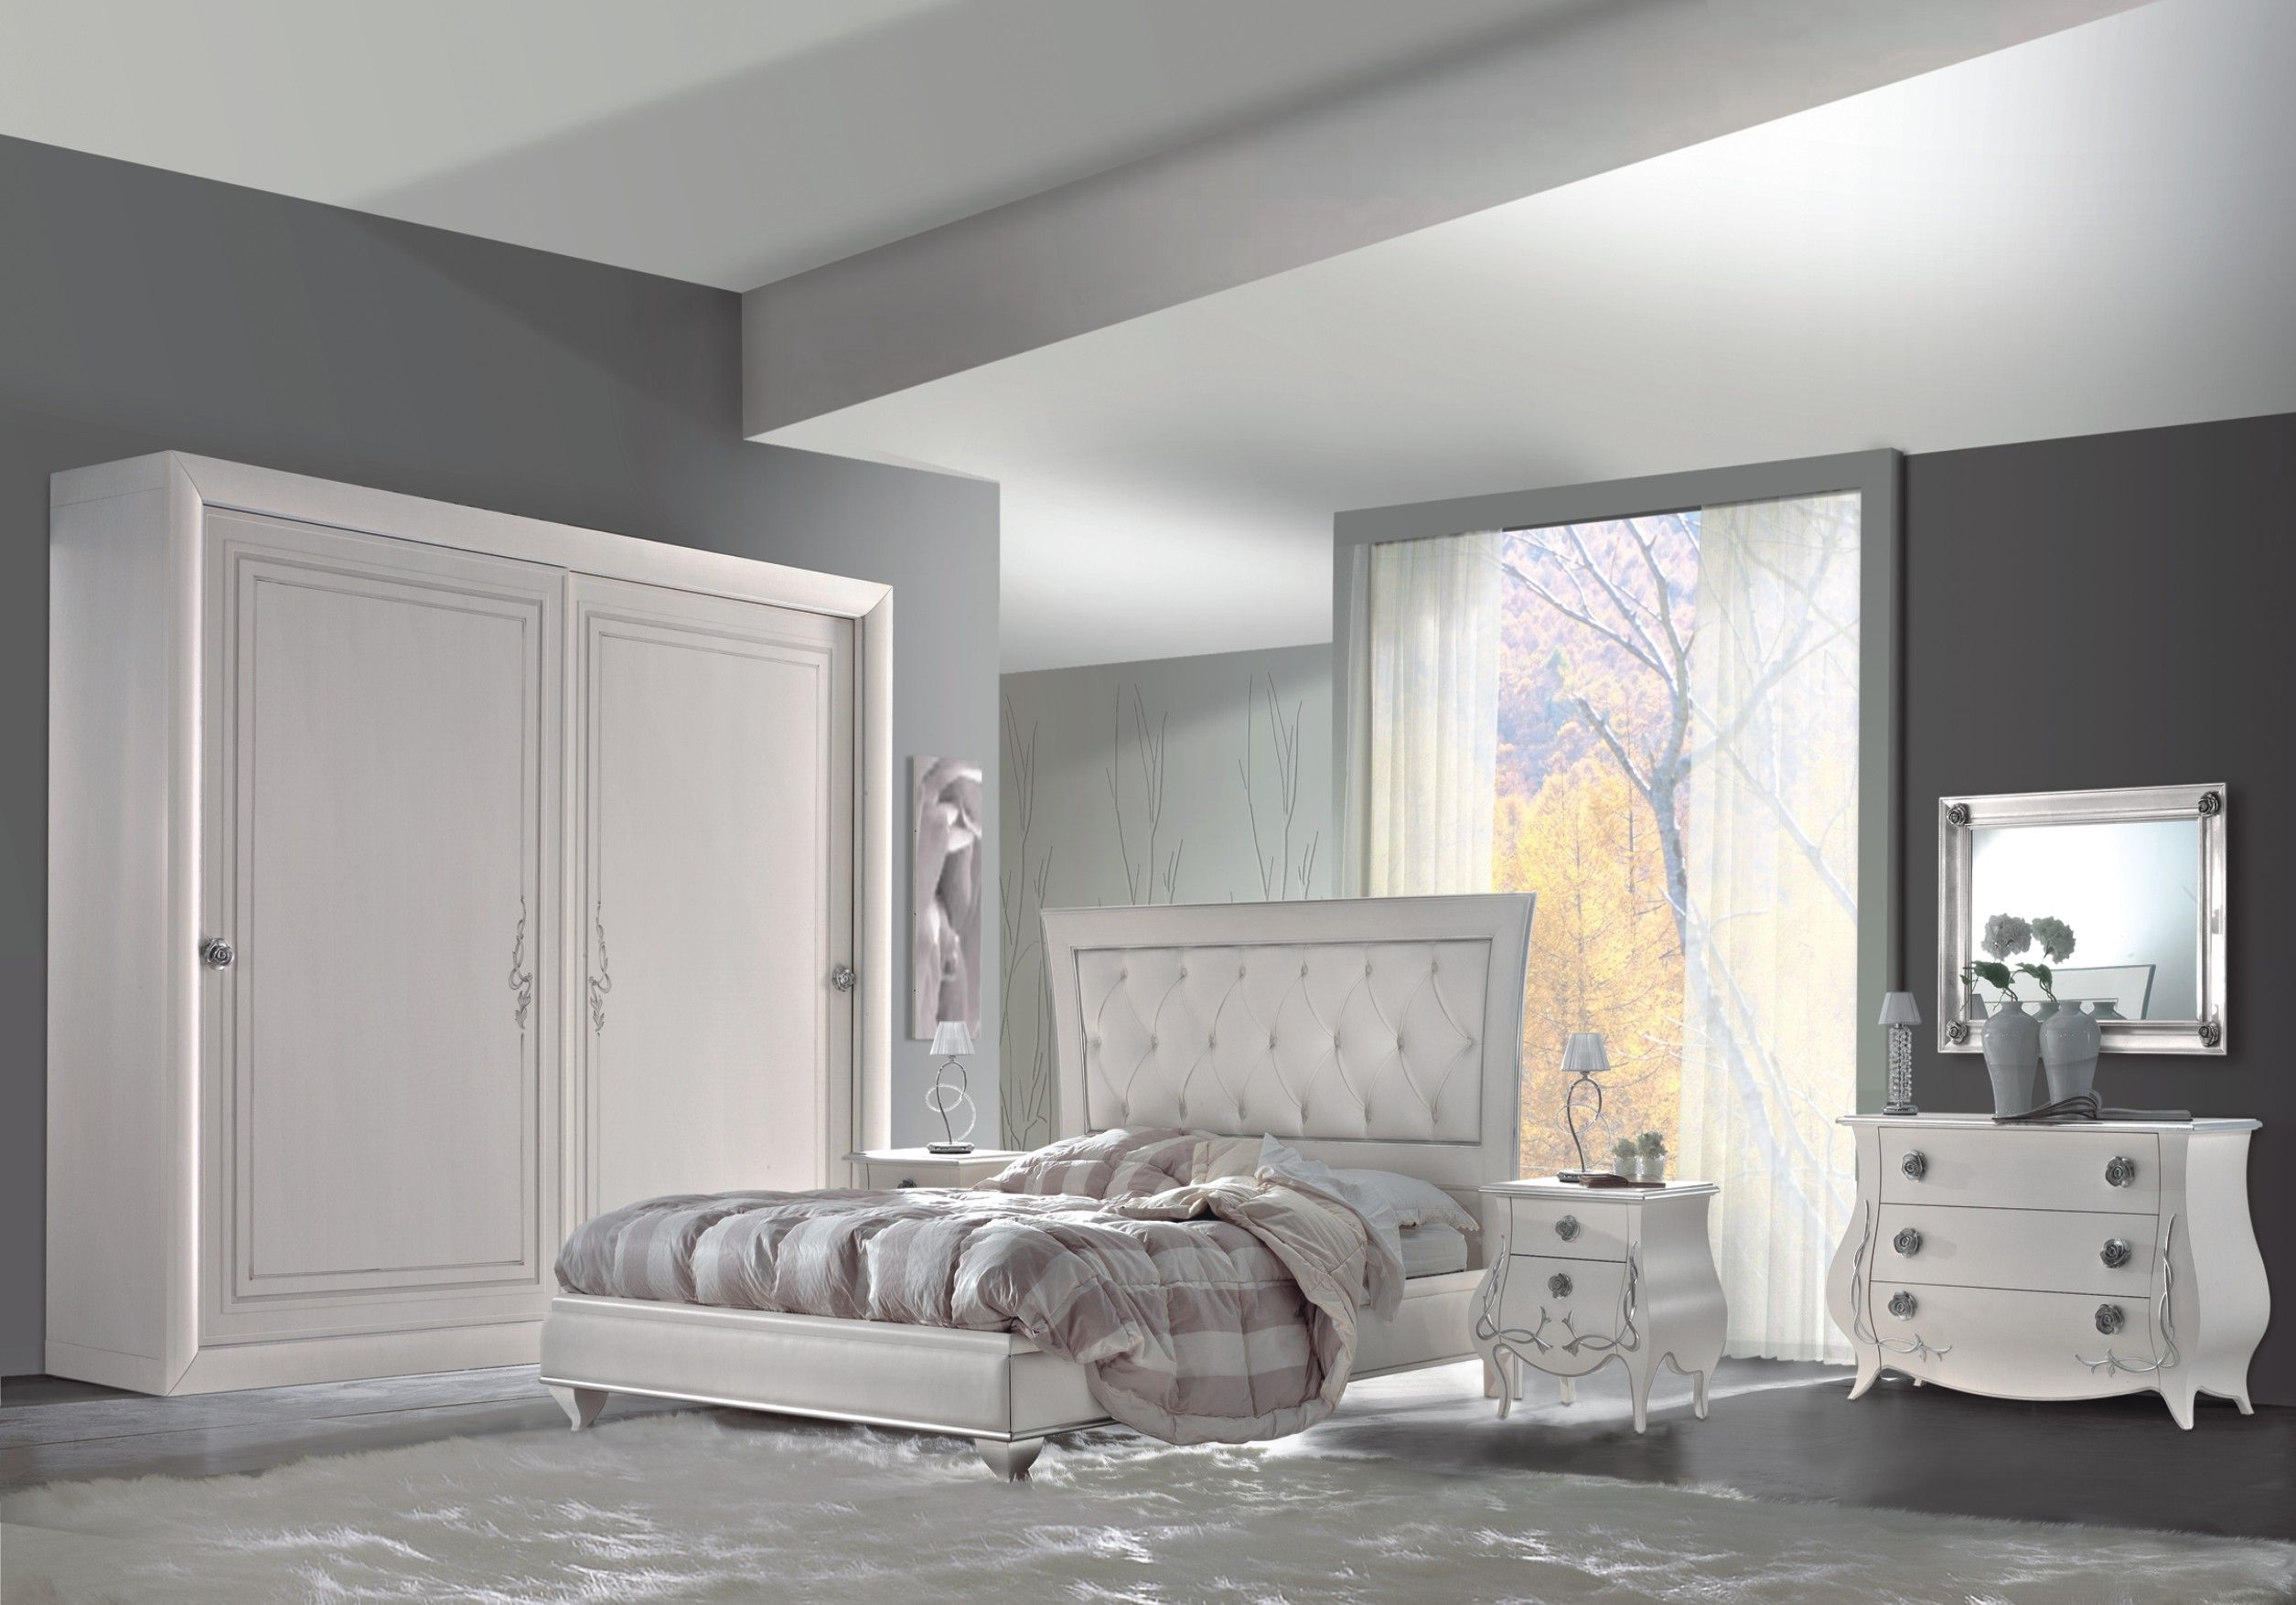 Camere Da Letto Bianche : Camera da letto bianco a pennello e foglia argento linee bombate